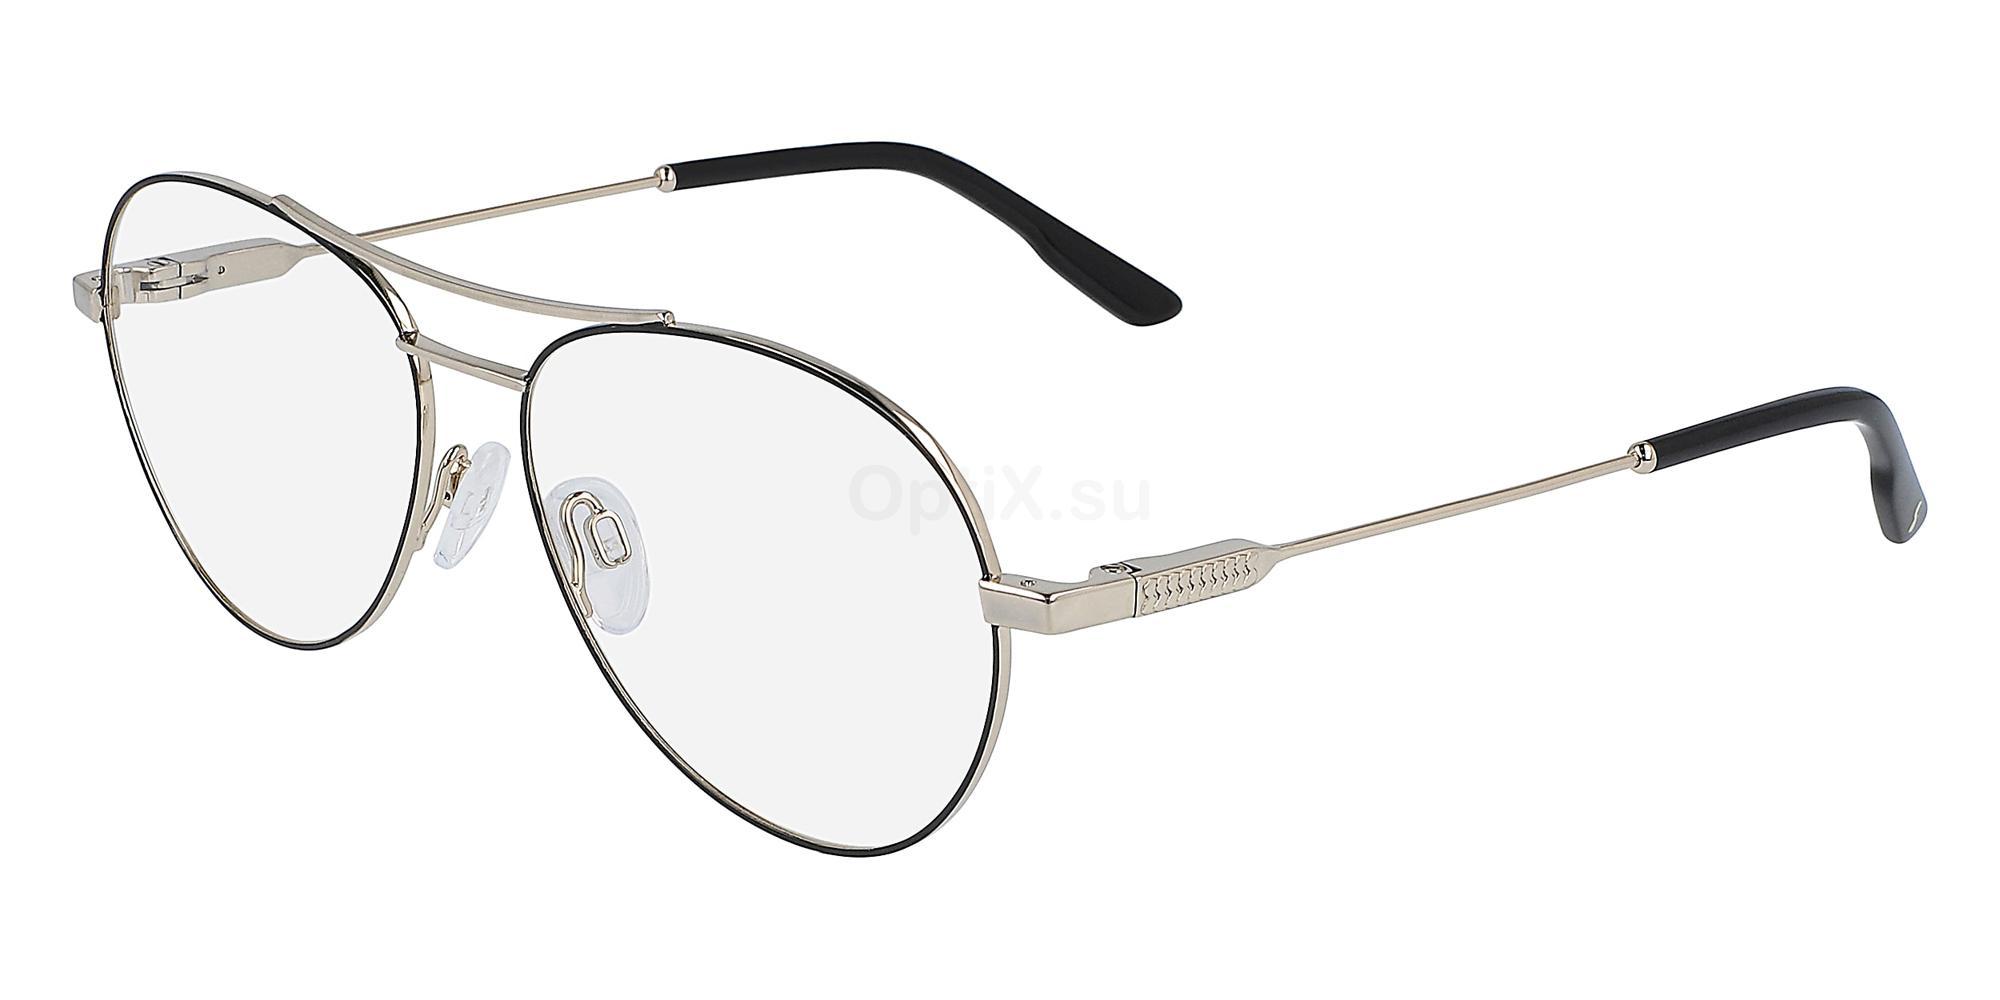 714 SK2101 IRIS Glasses, Skaga